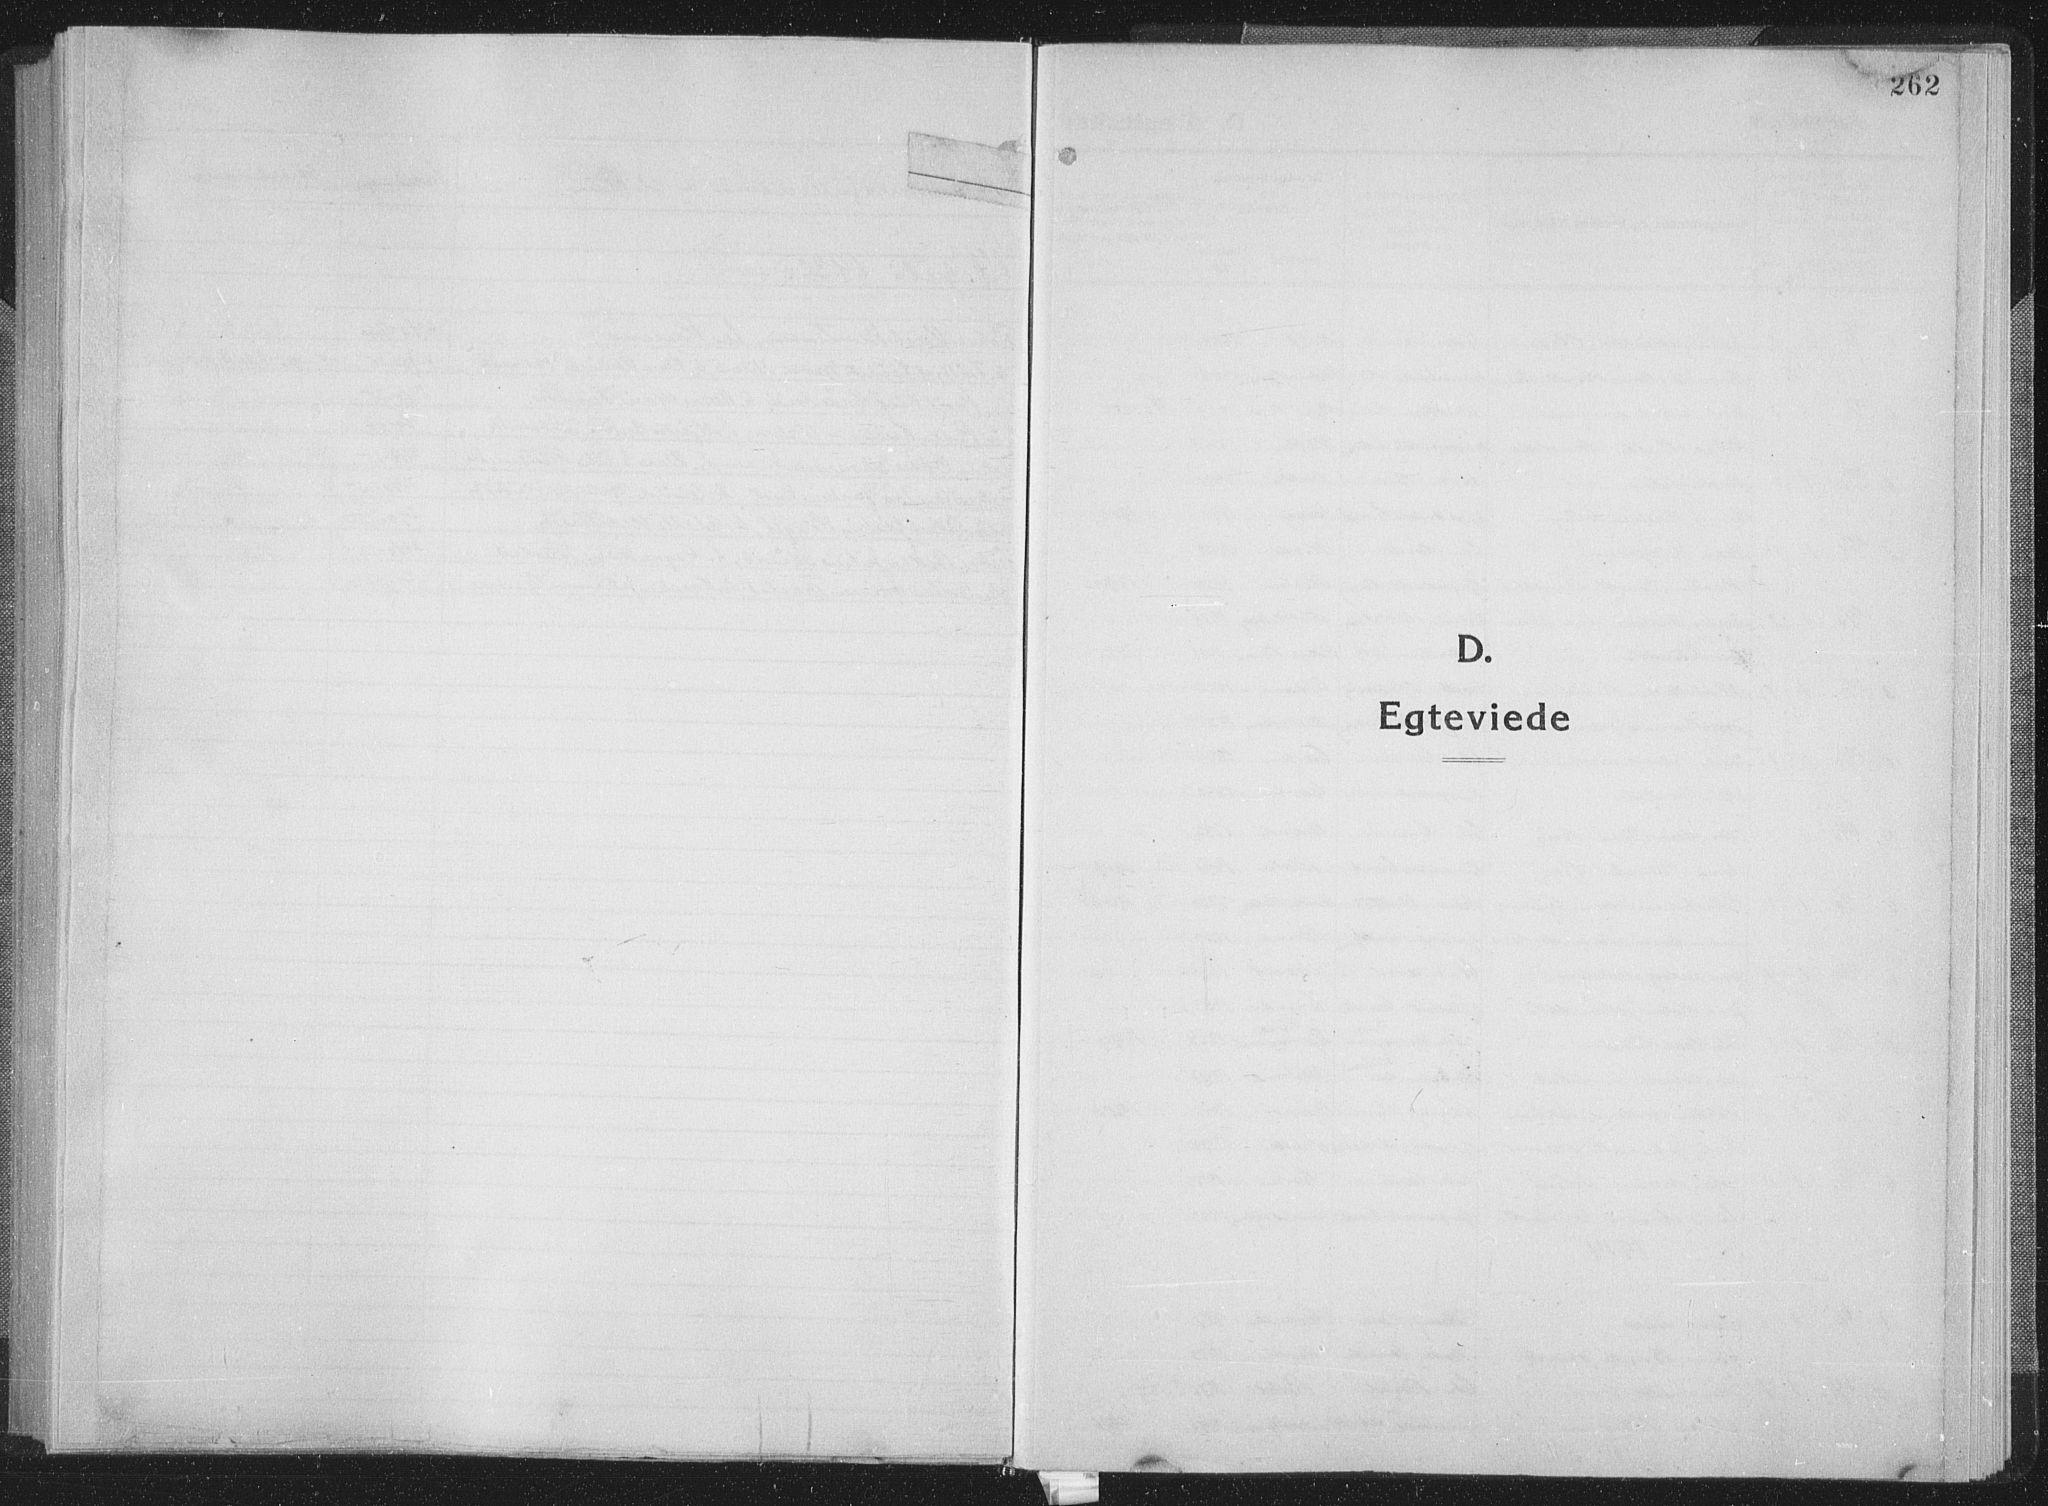 SAT, Ministerialprotokoller, klokkerbøker og fødselsregistre - Sør-Trøndelag, 659/L0747: Klokkerbok nr. 659C04, 1913-1938, s. 262